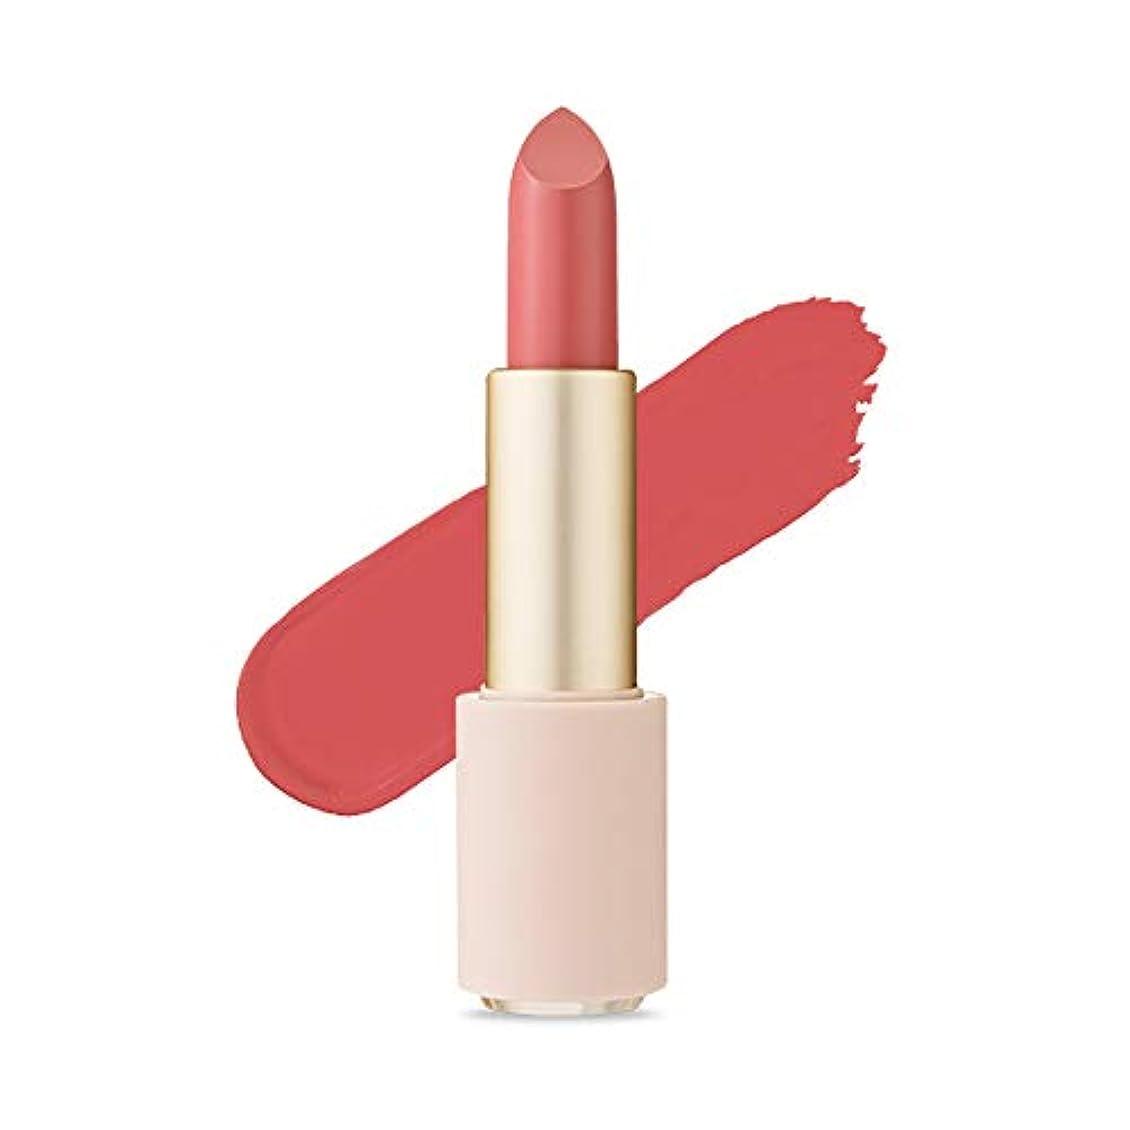 激しい違法二年生Etude House Better Lips Talk Velvet エチュードハウス ベター リップス - トーク ベルベット (# PK002 Mink Pink) [並行輸入品]